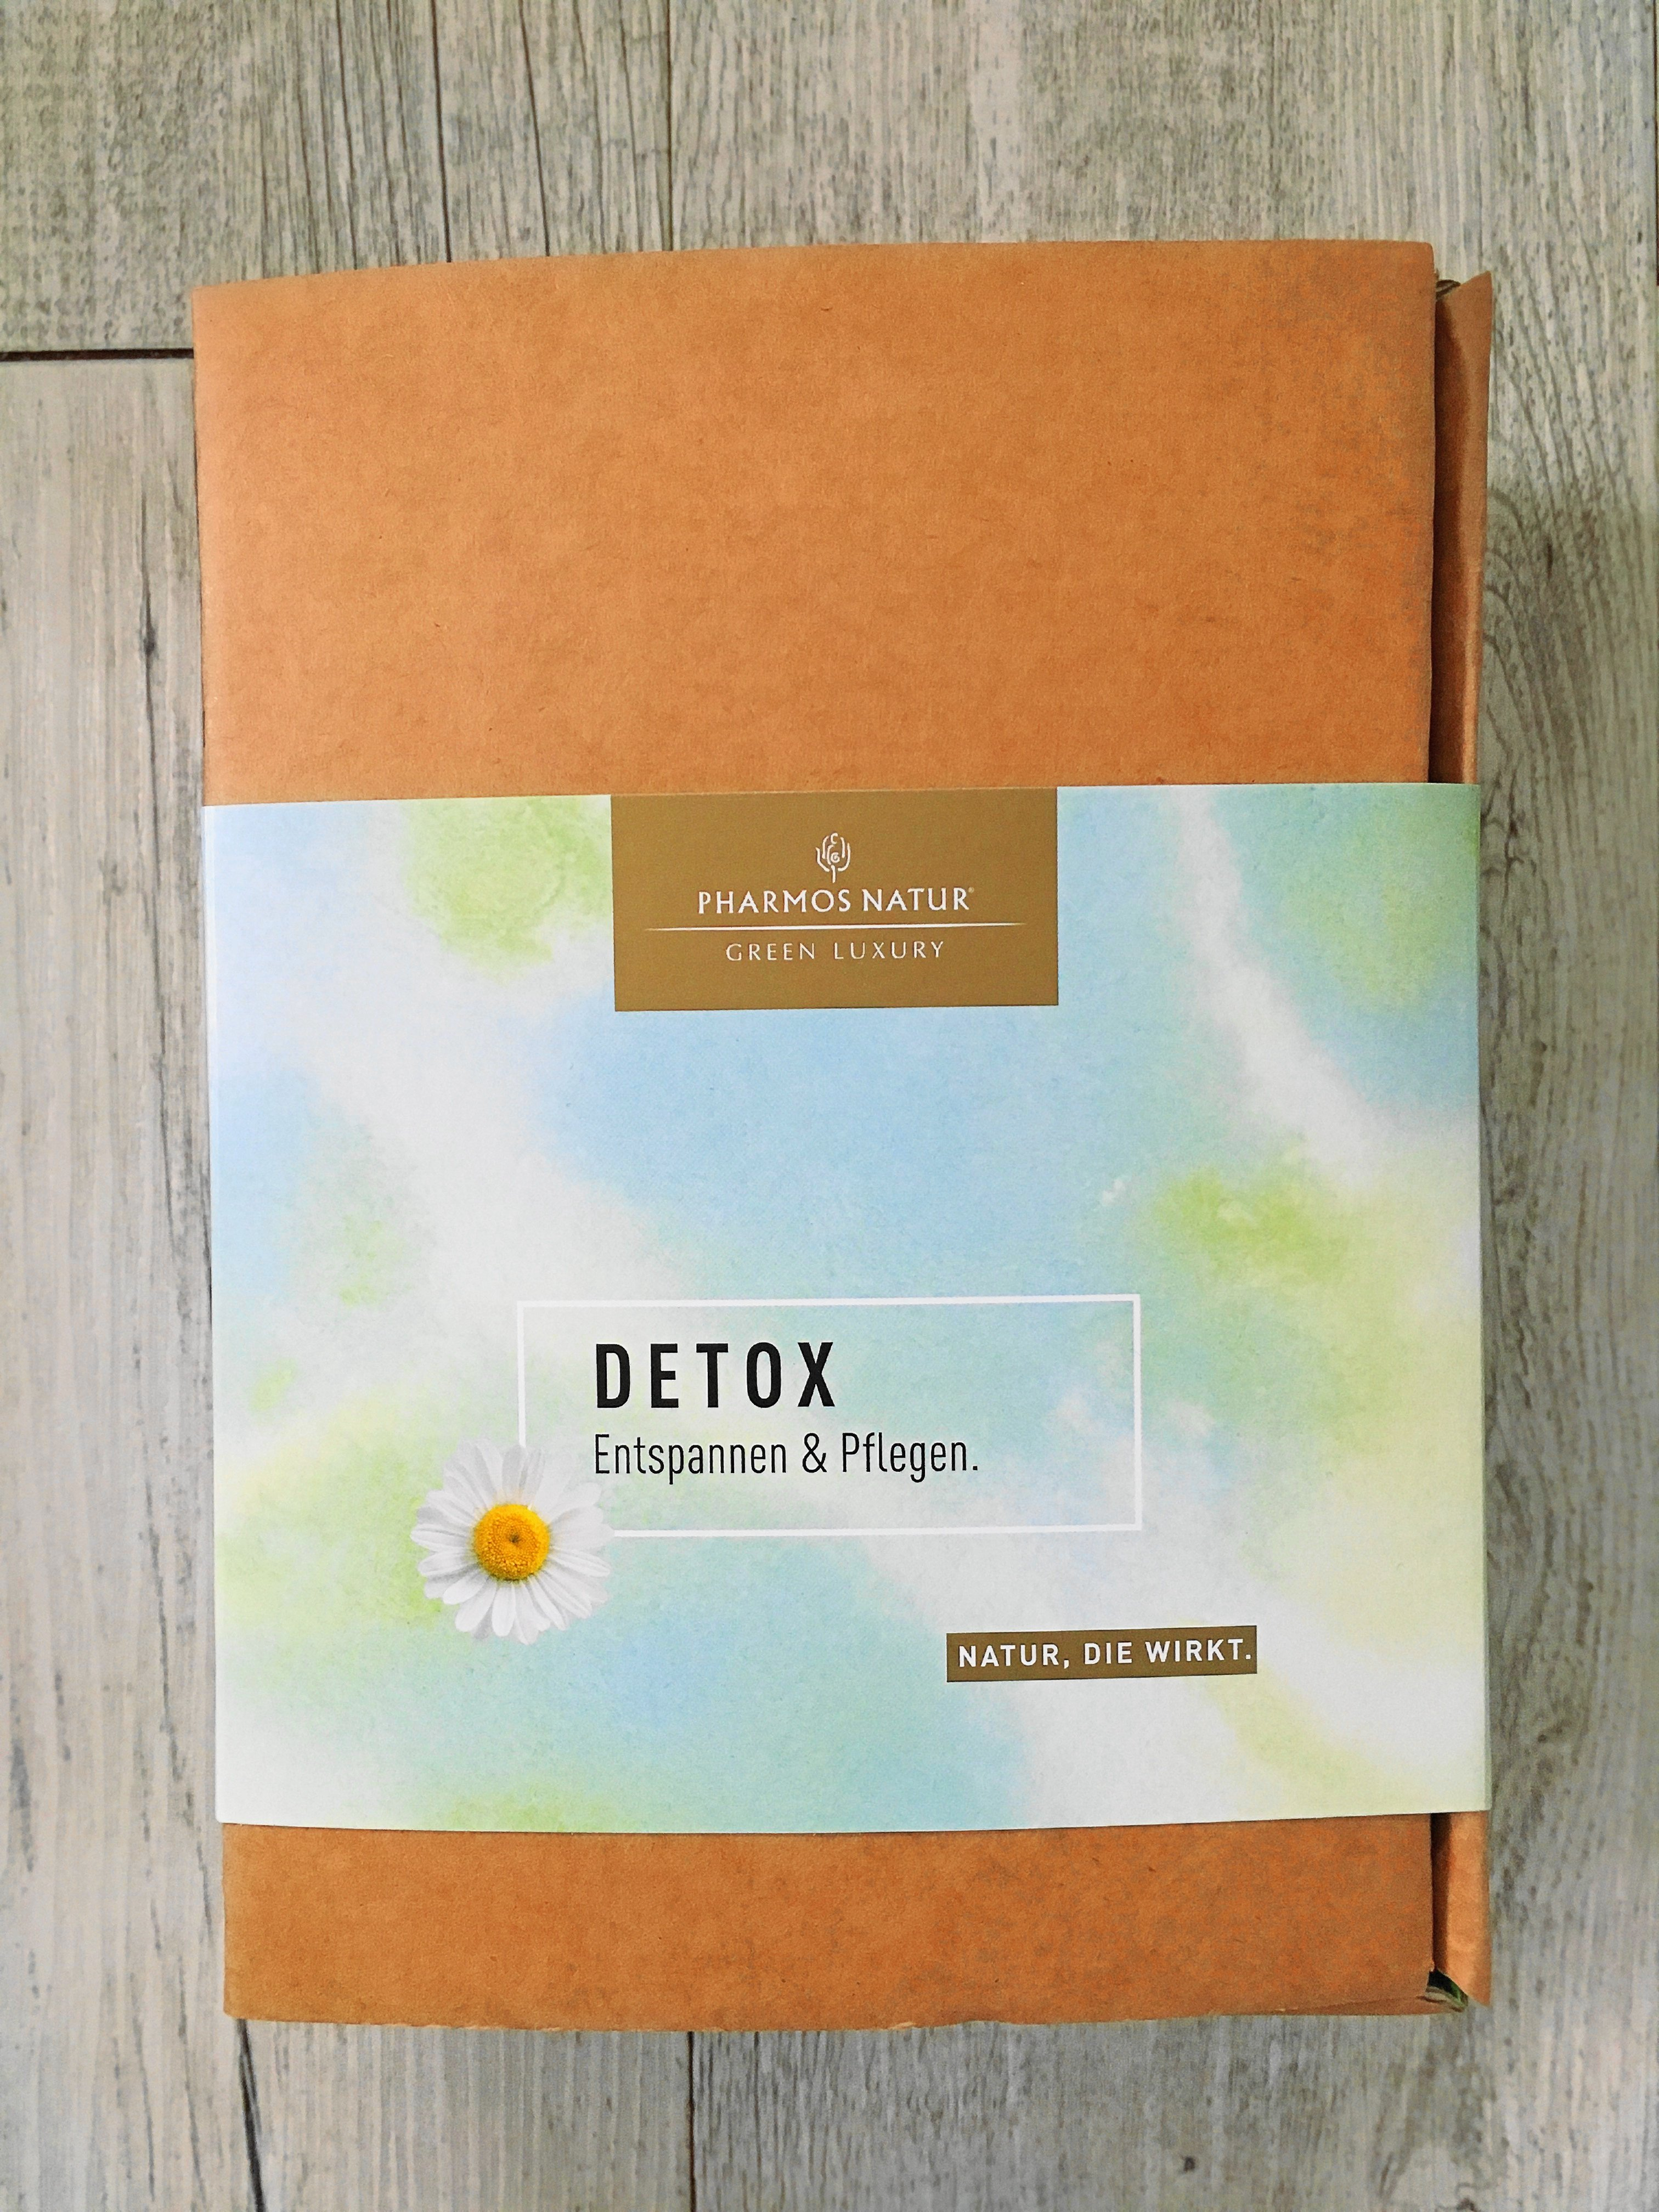 Heute zeige ich euch auf dem Blog Detox von aussen mit Pharmos Natur und zeige und beschreibe euch die einzelnen Produkte mit nützlichen Detox Facts